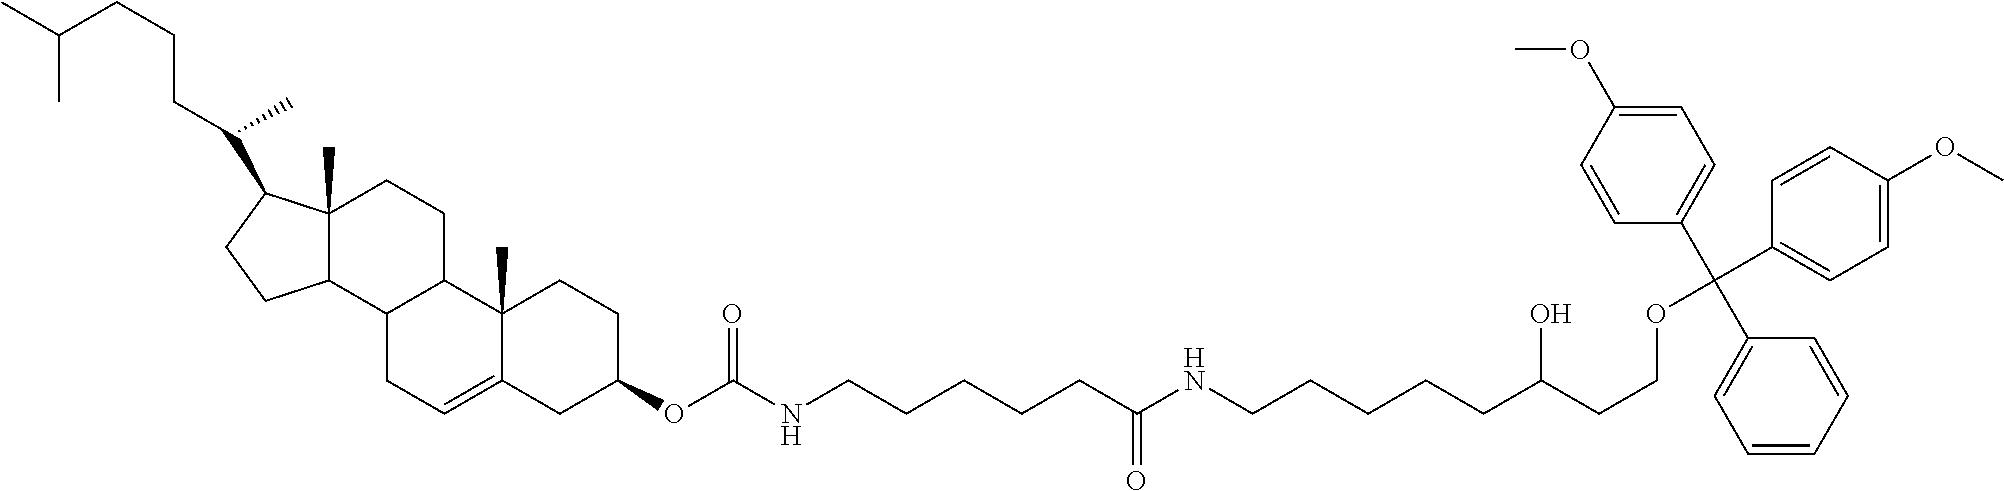 Figure US08252755-20120828-C00022